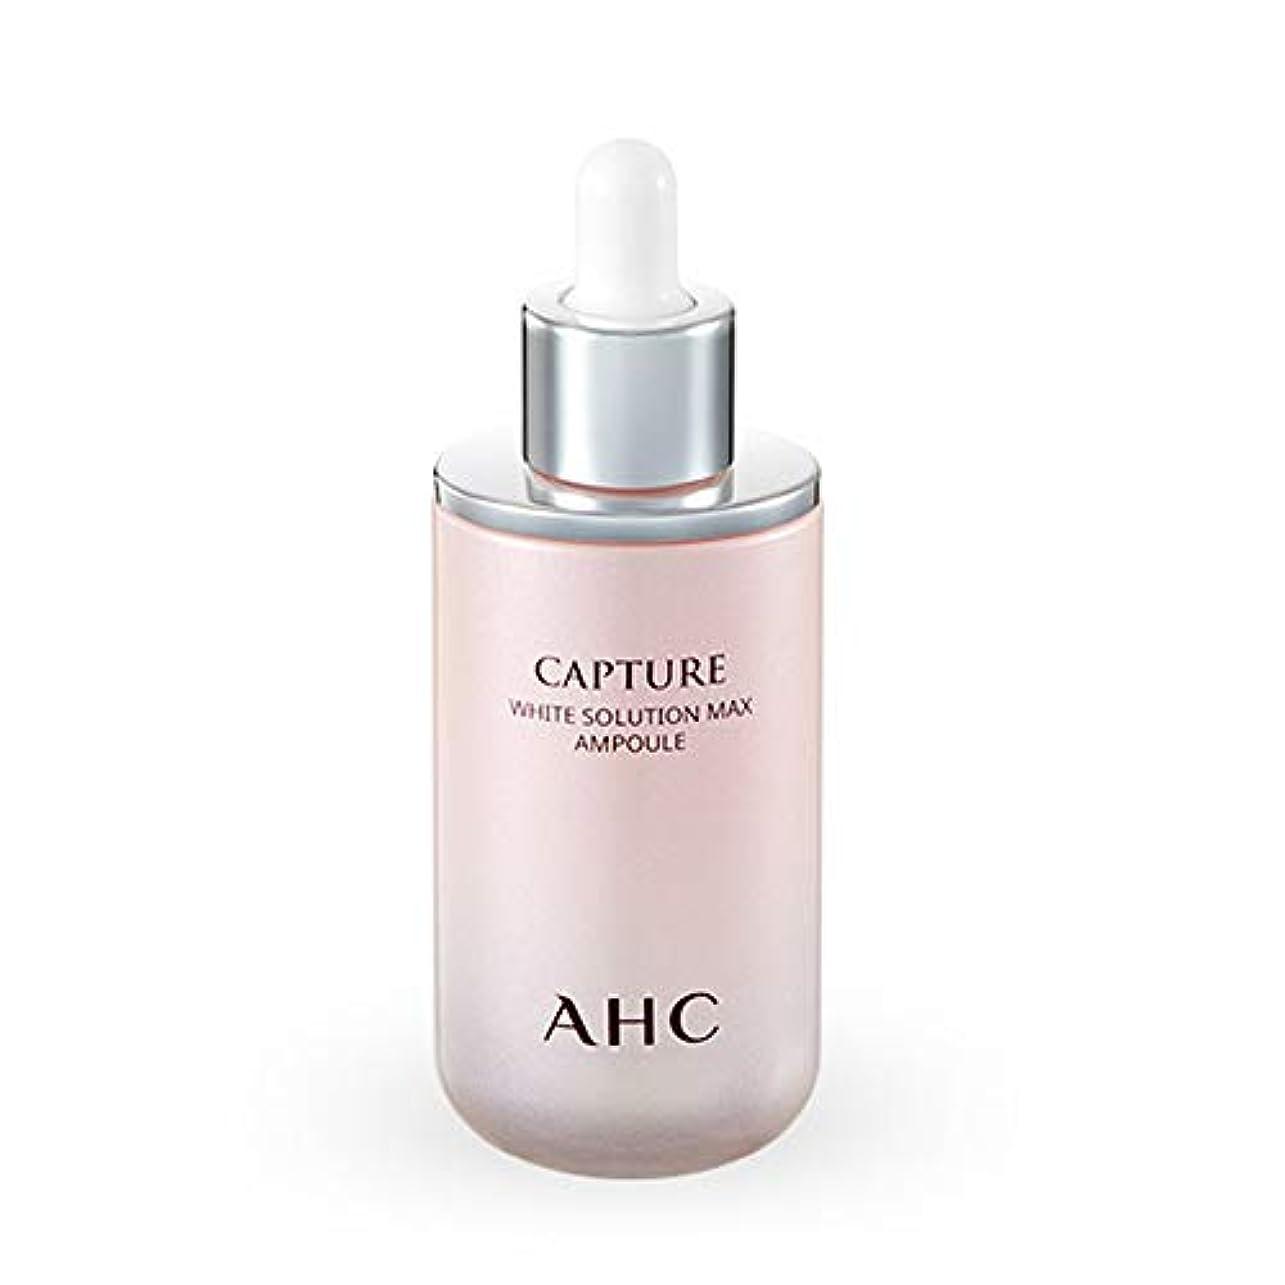 言及する先のことを考える情報AHC(エーエイチシー) キャプチャーホワイト ソリューションマックスアンプル50ml2本セット